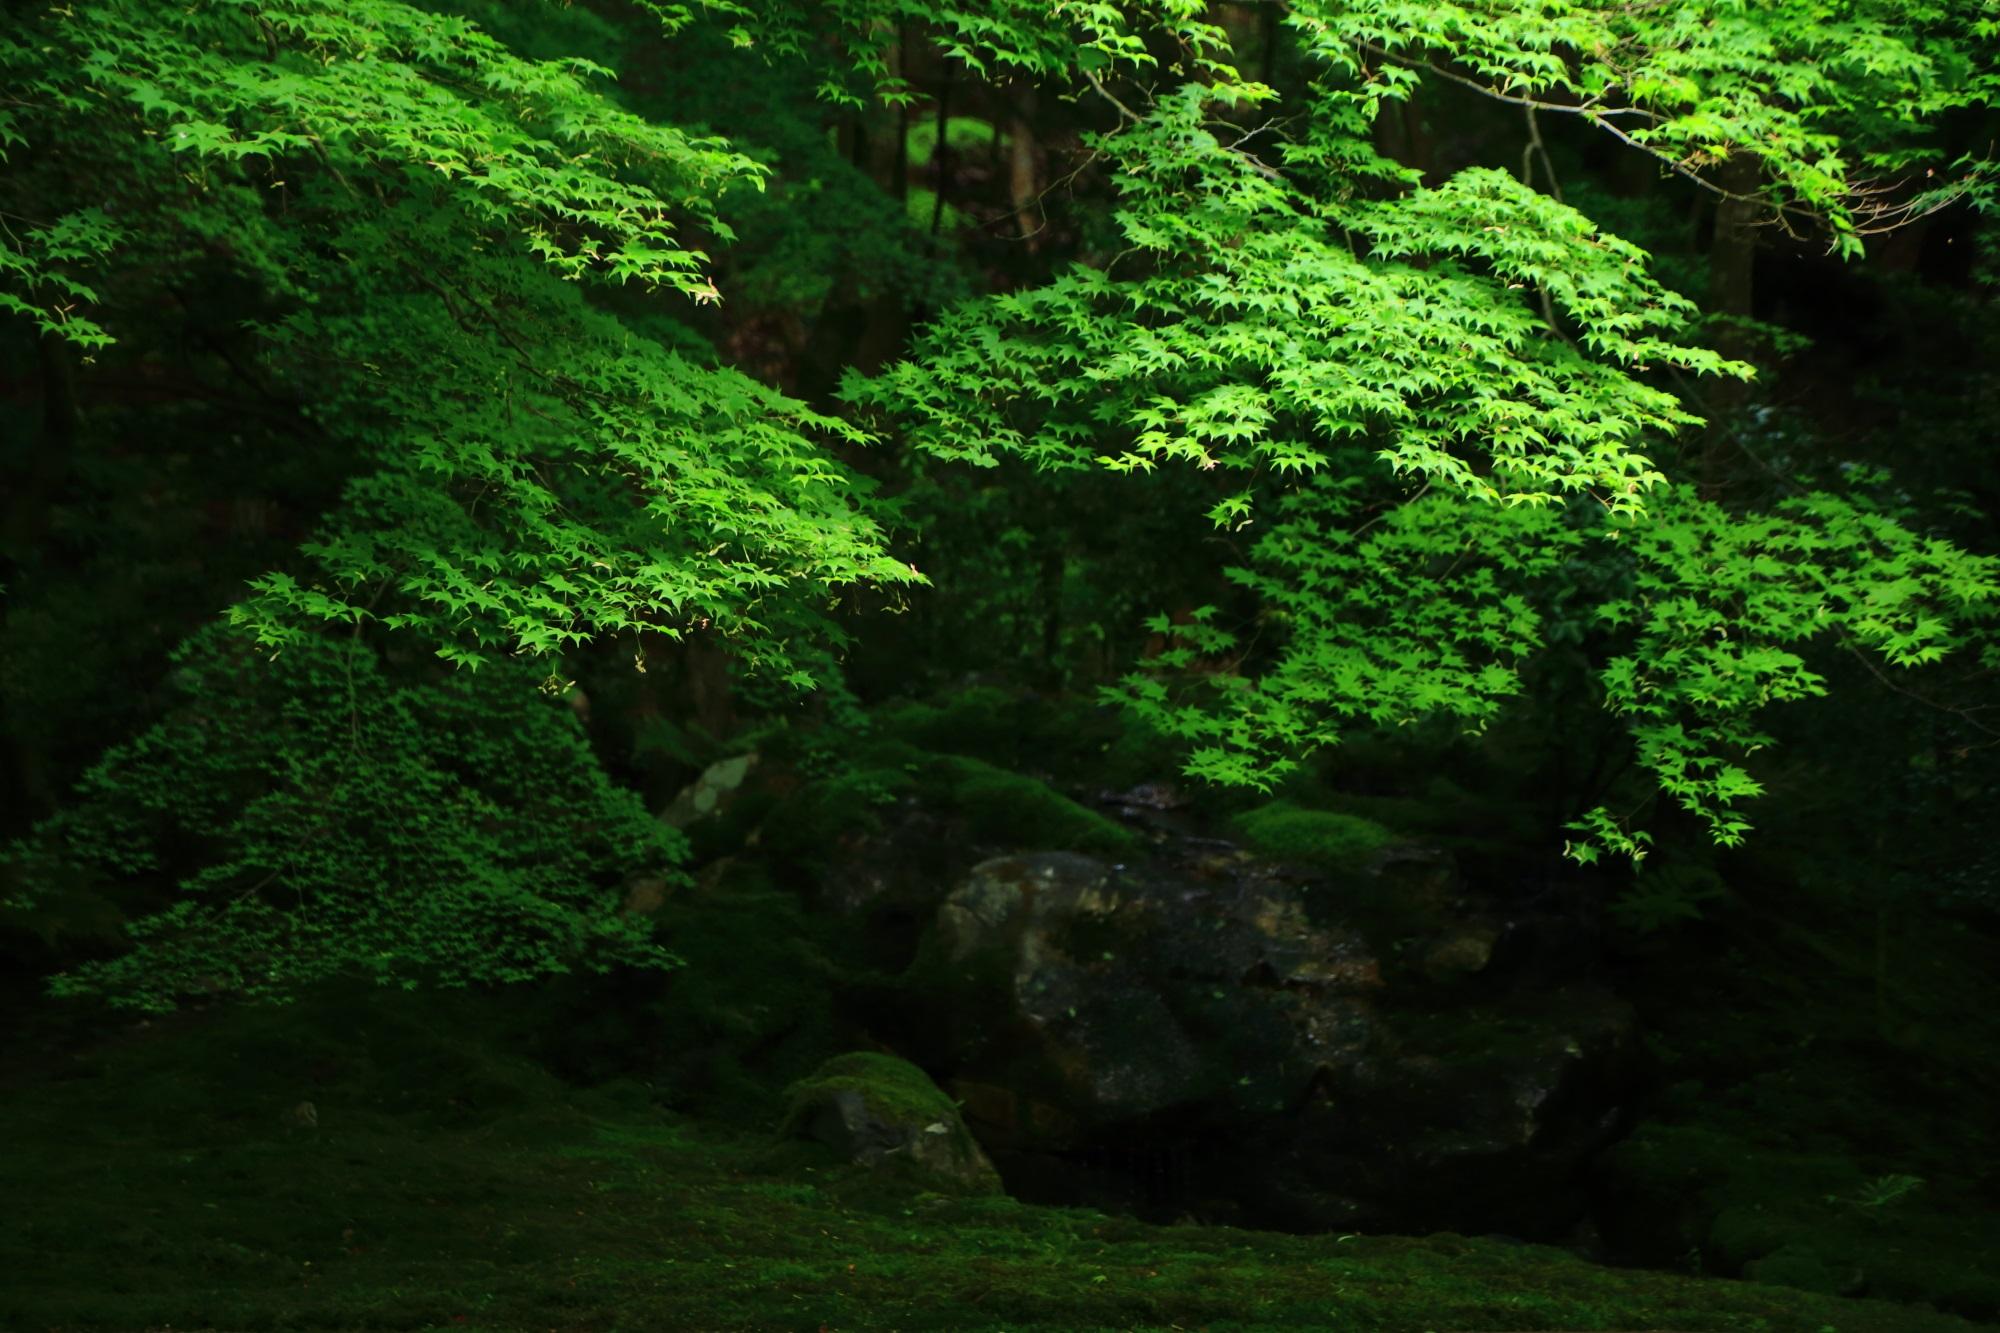 八瀬瑠璃光院の美しい緑の瑠璃の庭